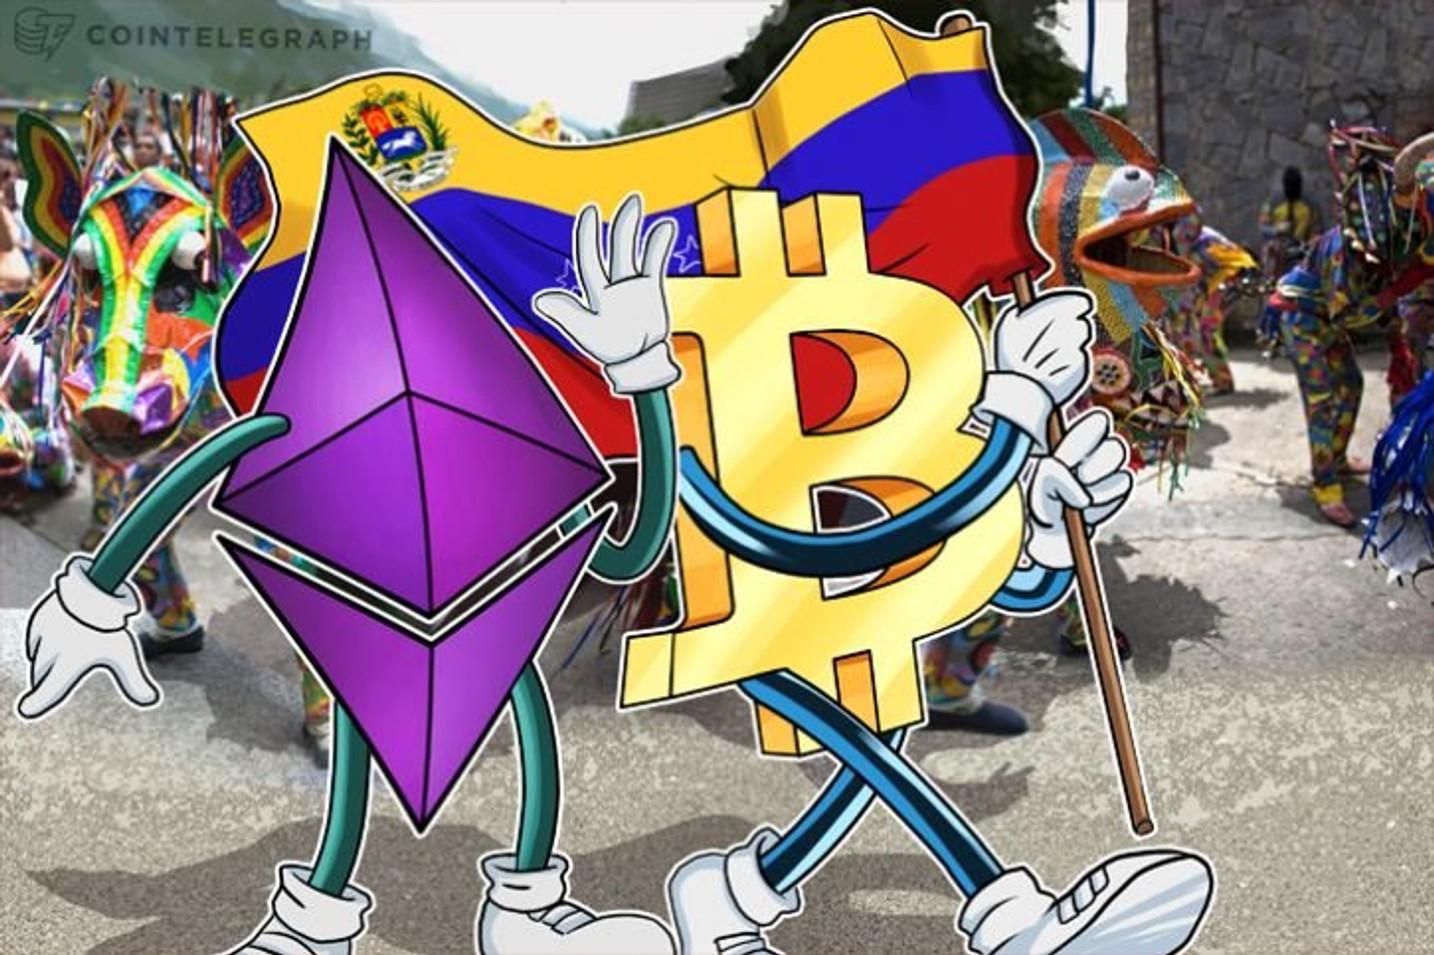 Venezuela: Banco Central está considerando utilizar criptomonedas como reservas internacionales